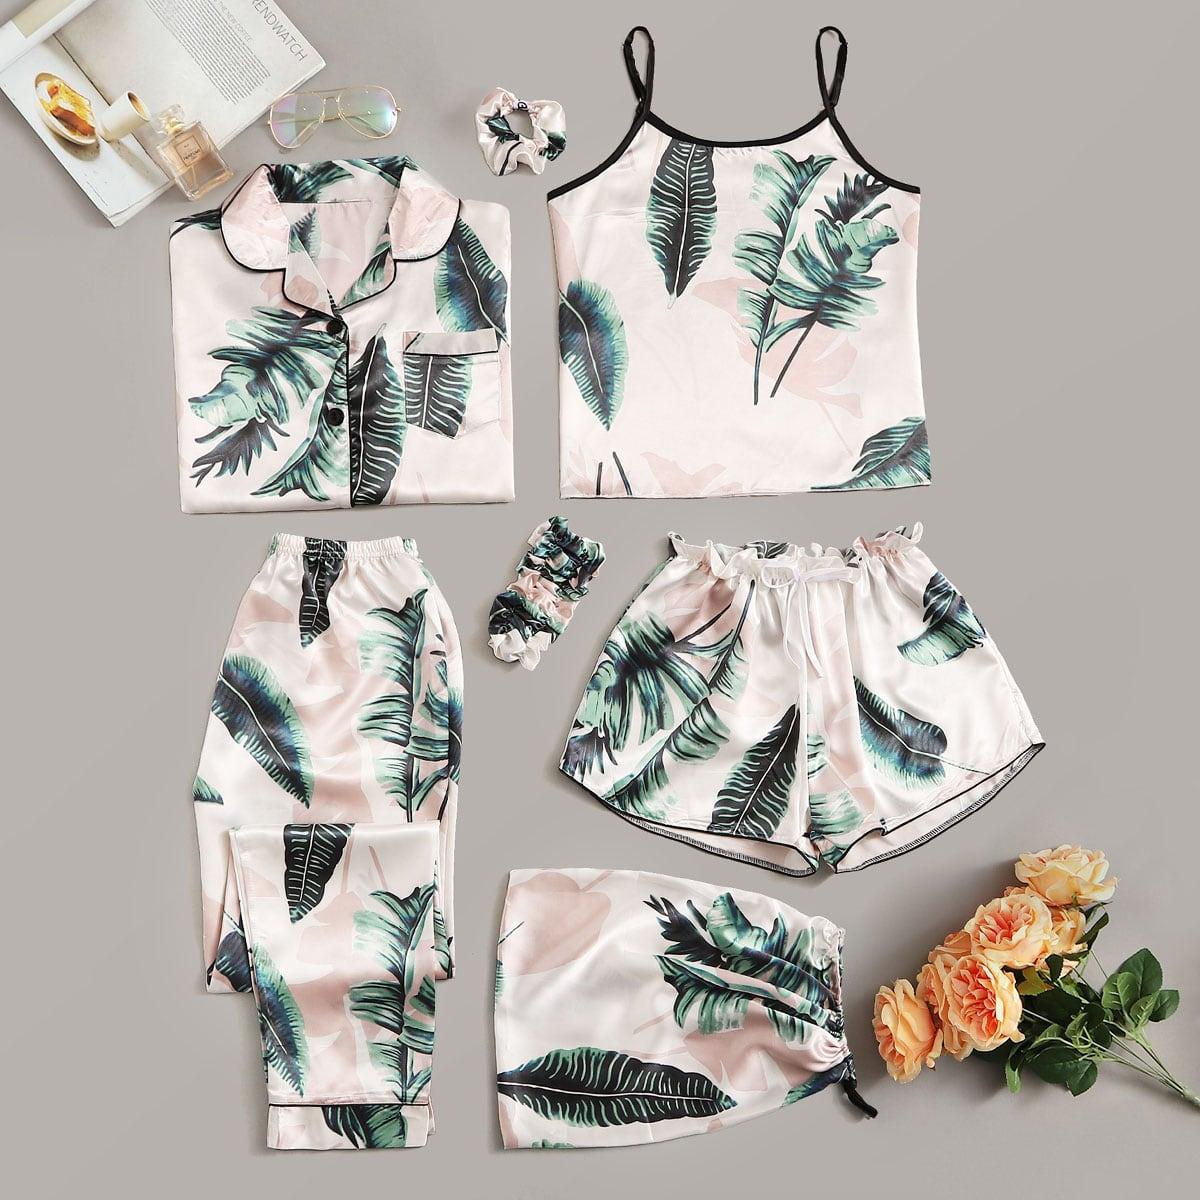 Комплект Атласная пижама с тропическим принтом 7 предметов.